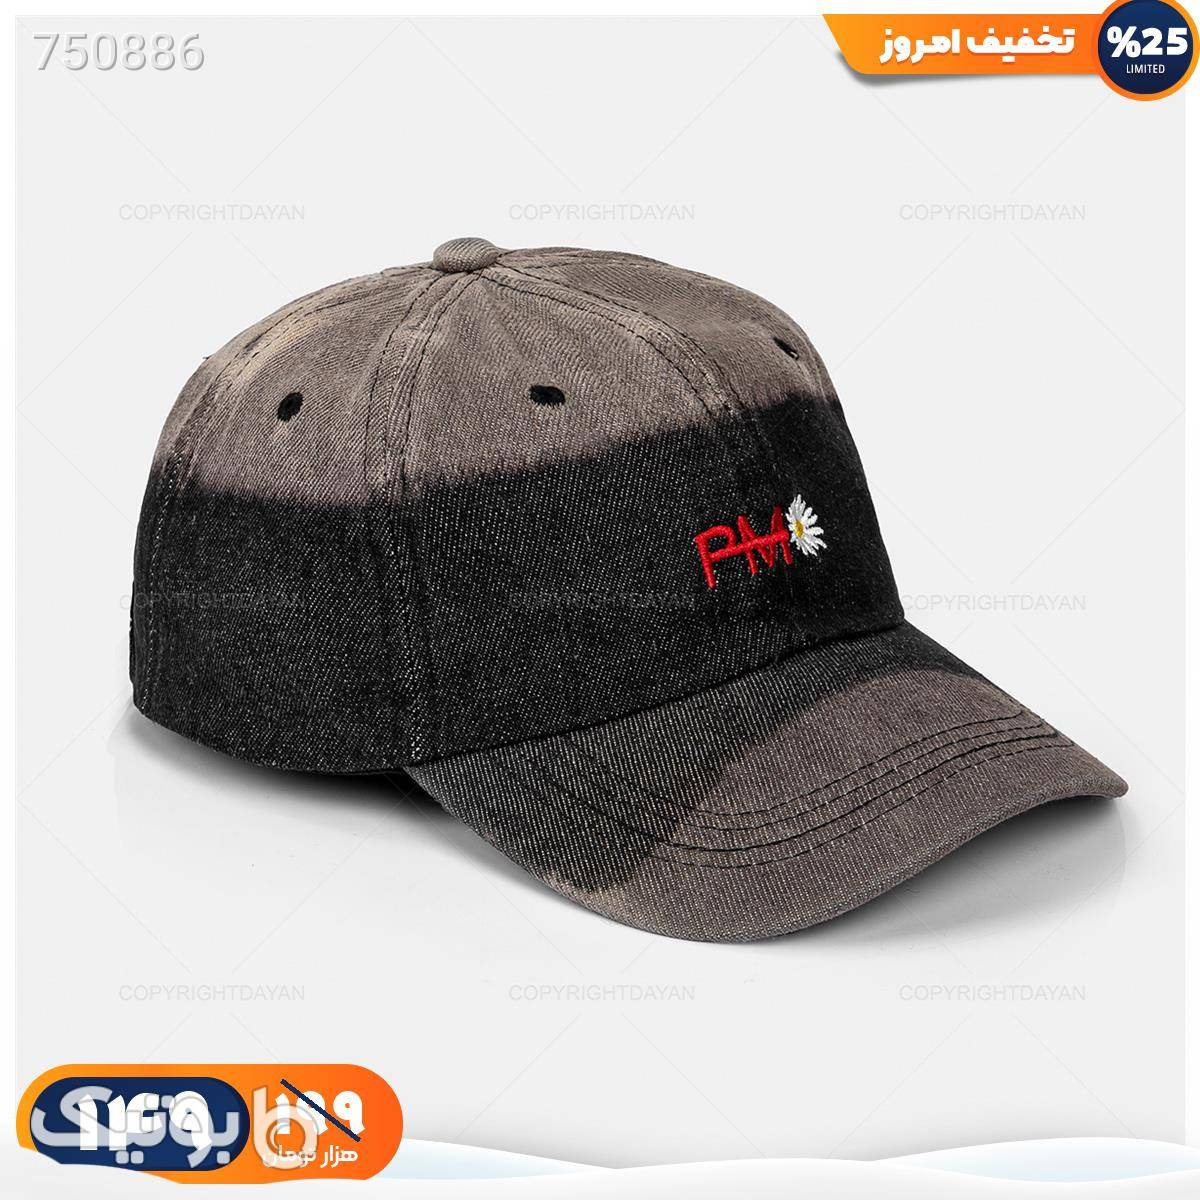 کلاه کپ Deniz مدل 19027 مشکی کلاه و اسکارف